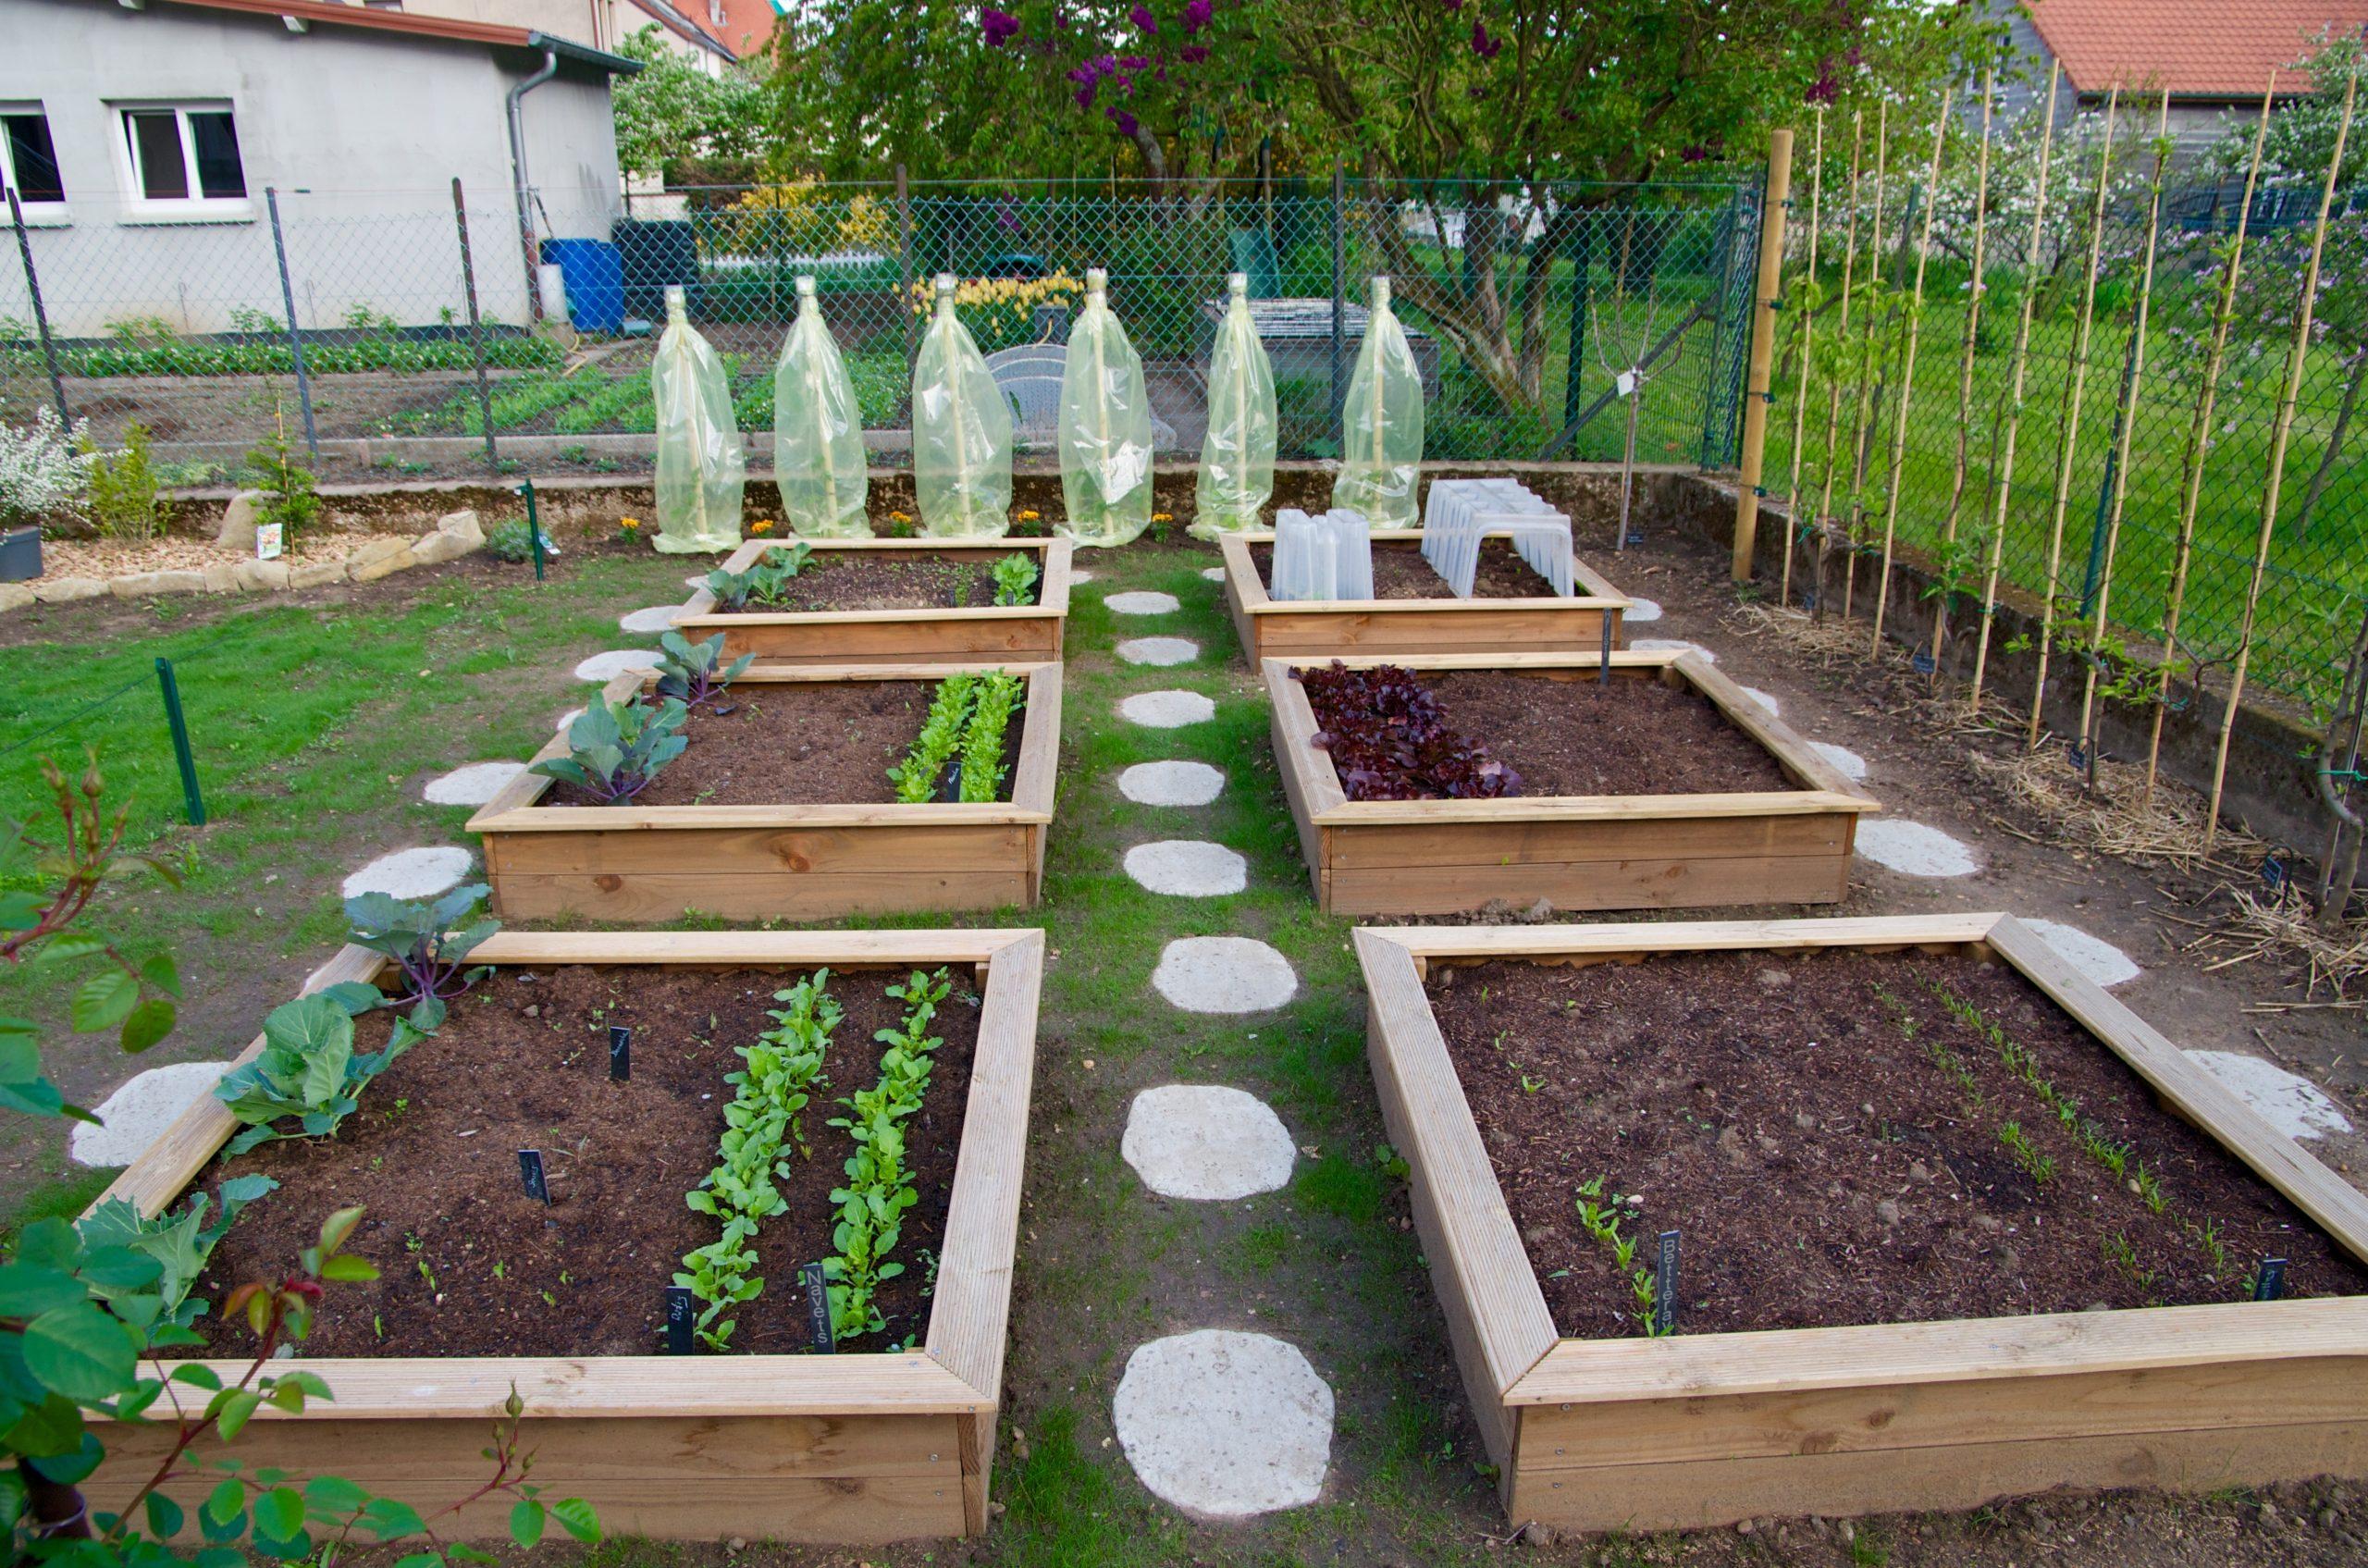 Le Top 5 Des Fruits Et Légumes À Cultiver Dans Son Jardin ... intérieur Jardin En Carre